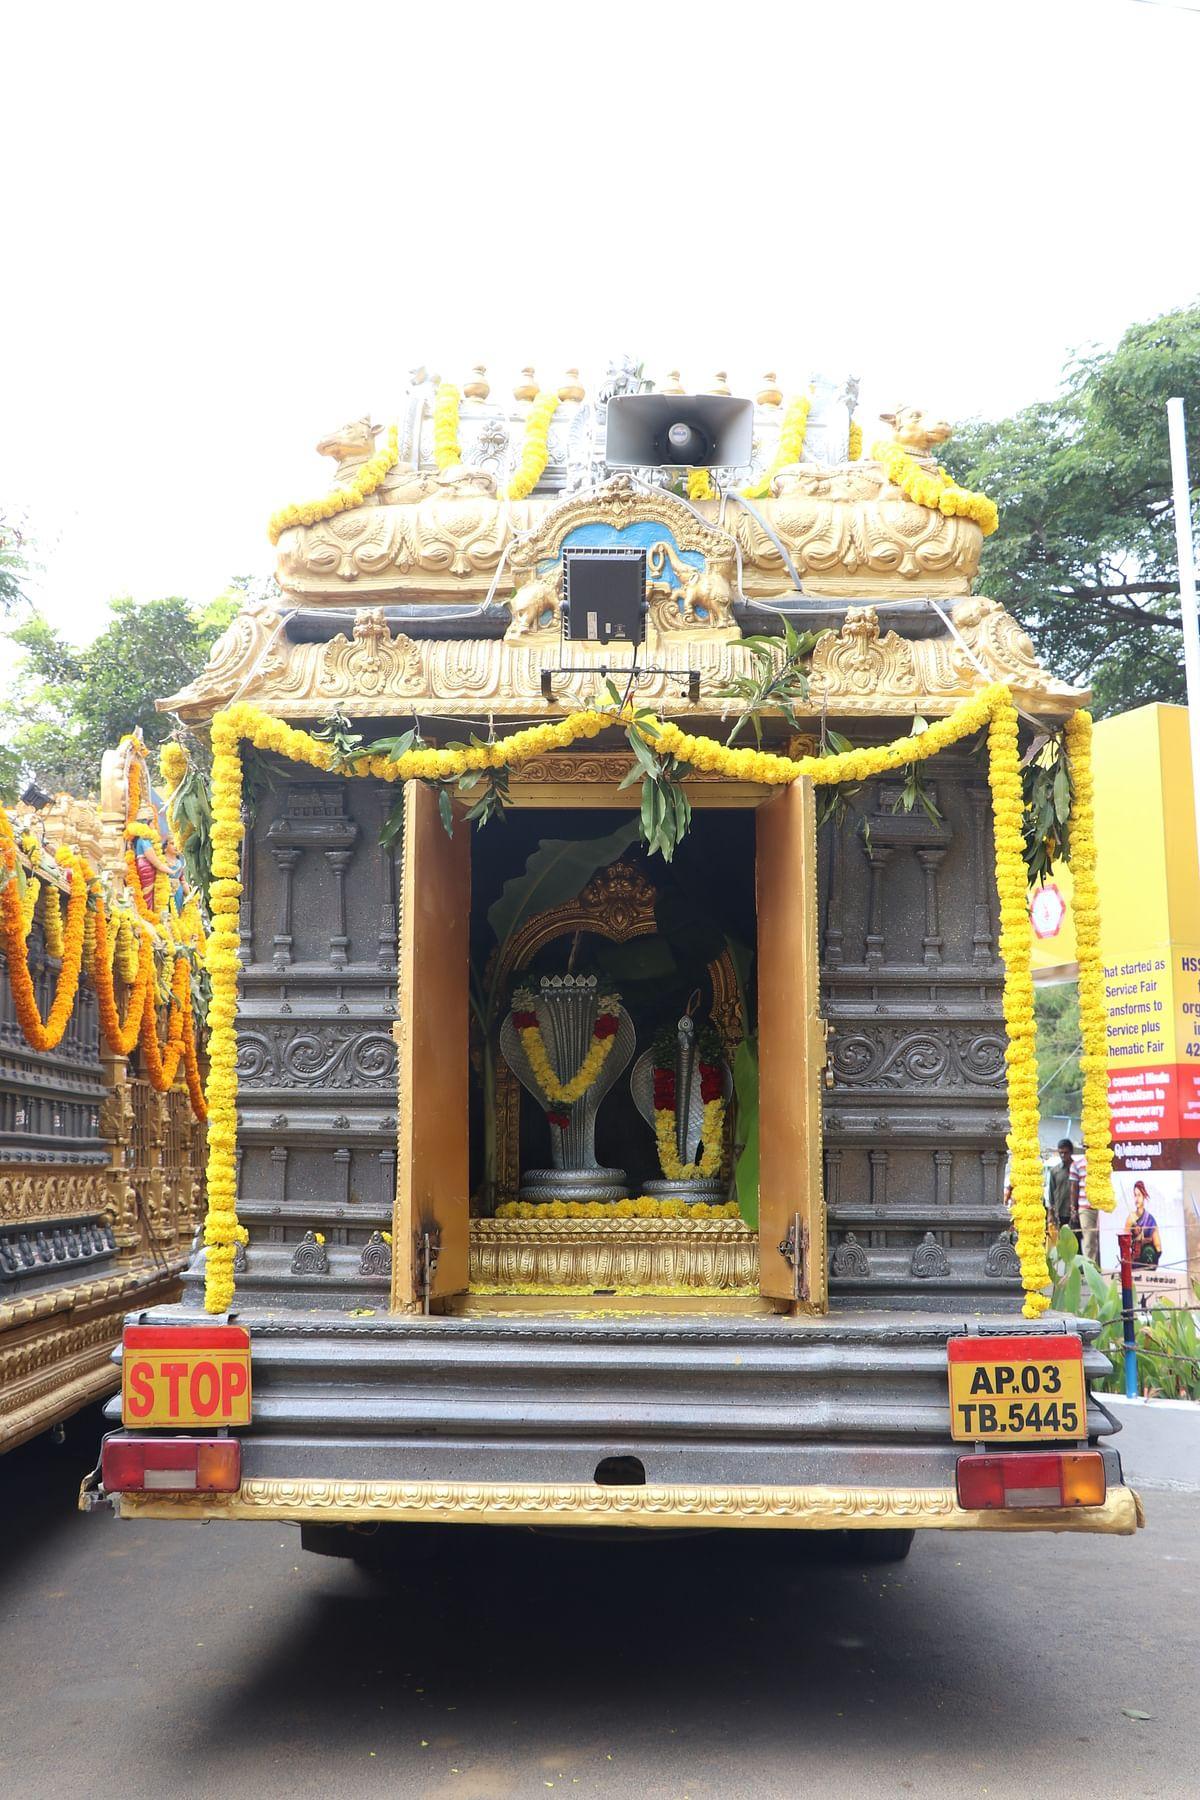 ஆந்திராவின் பல்வேறு கோயில்களிலிருந்தும் கண்காட்சிக்கு வந்துள்ள ரதங்கள்